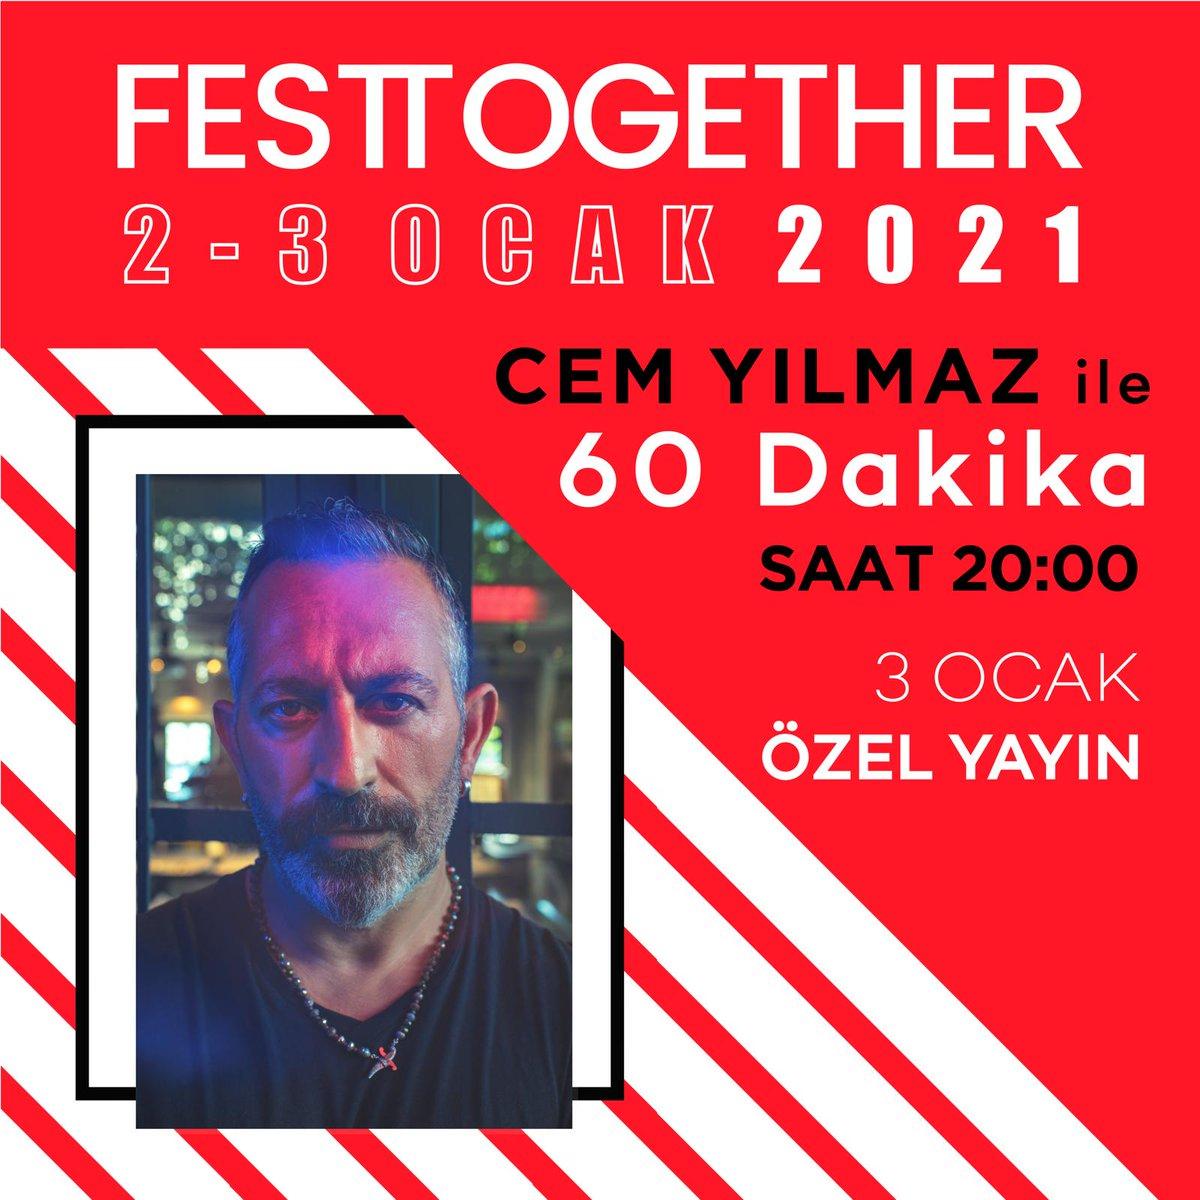 Cem Yılmaz ile Canlı 60 Dakika, birazdan #Festtogether'da! 🧡💙  ✨ Biletleri @MobiletOfficial üzerinden satın alabilirsiniz. 🔗 🎉 Yayını  adresinden izleyebilirsiniz.  #EvdenDestekOl #birkirabirsahne  @ihtiyacharitasi @CMYLMZ